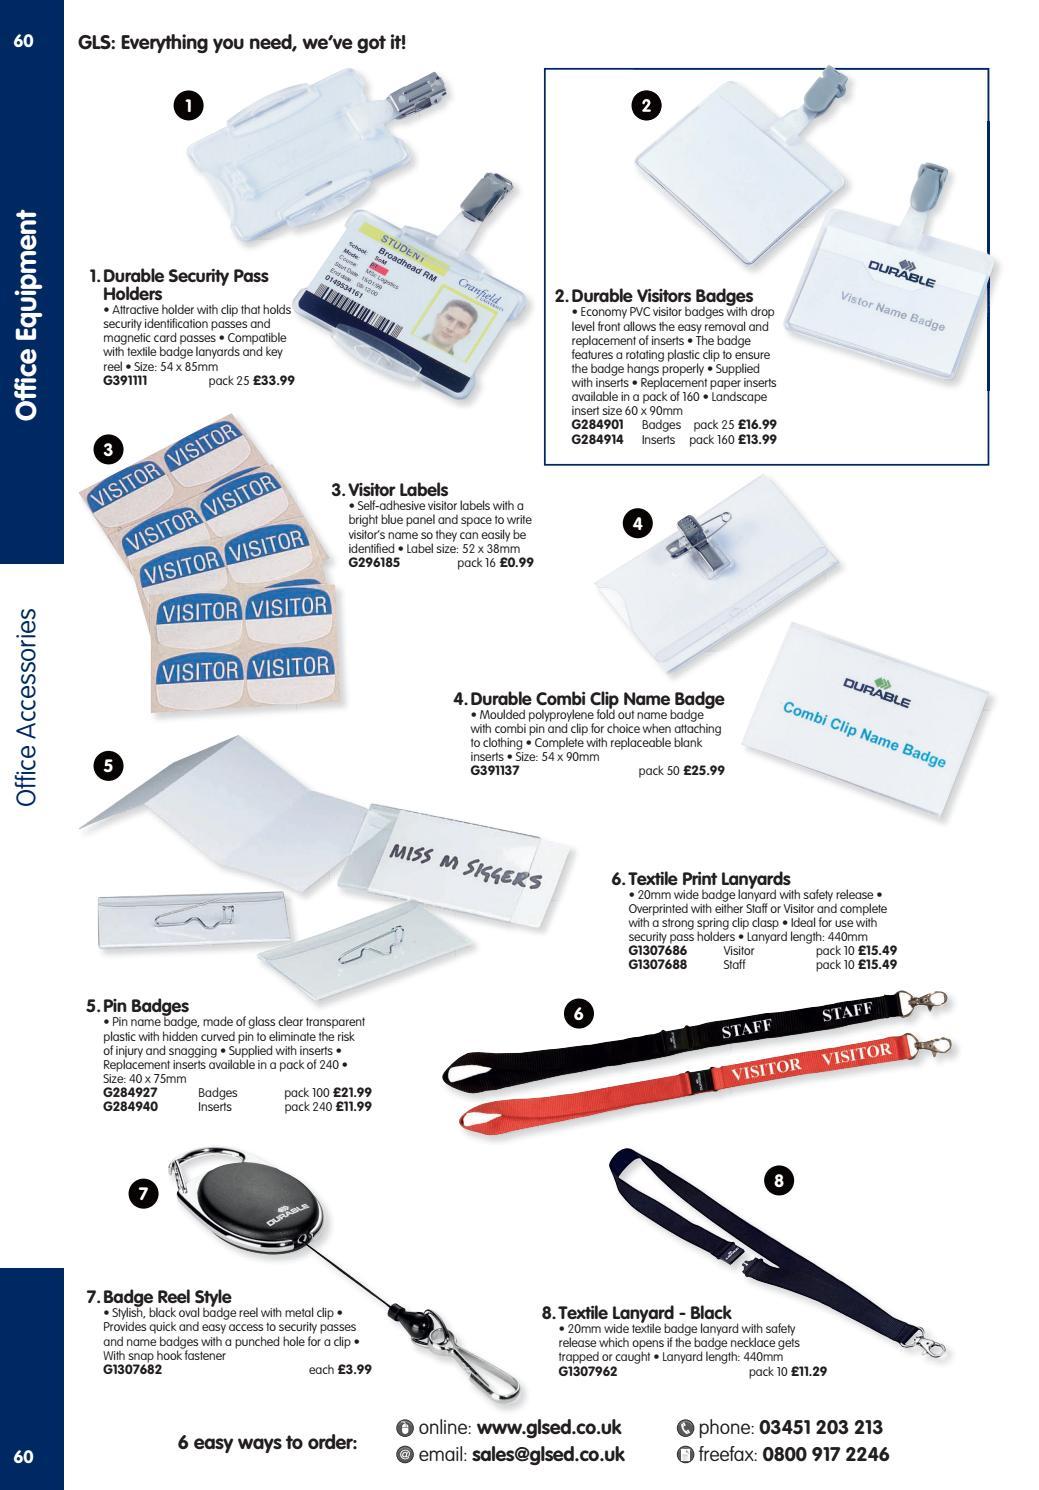 Gls Essential Academy Supplies by Findel Ltd - issuu